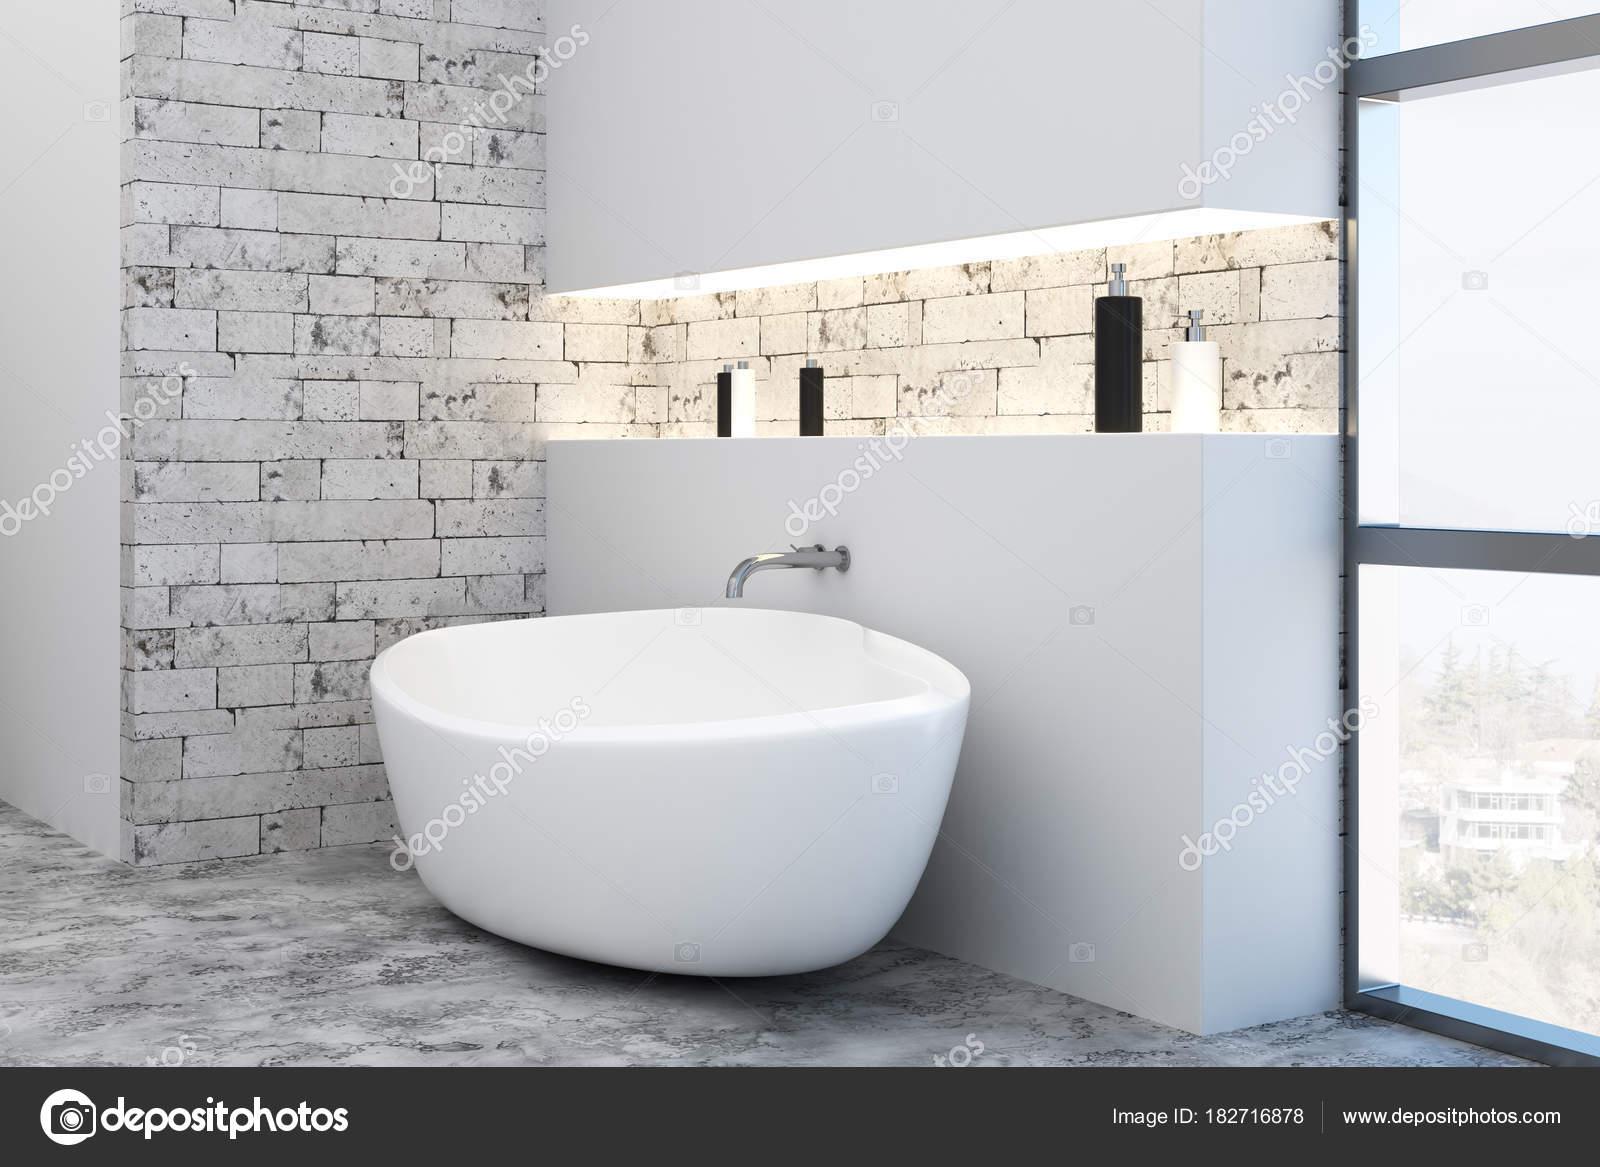 Vasca Da Bagno Vista : Vasca da bagno interno pulito con vista città u foto stock